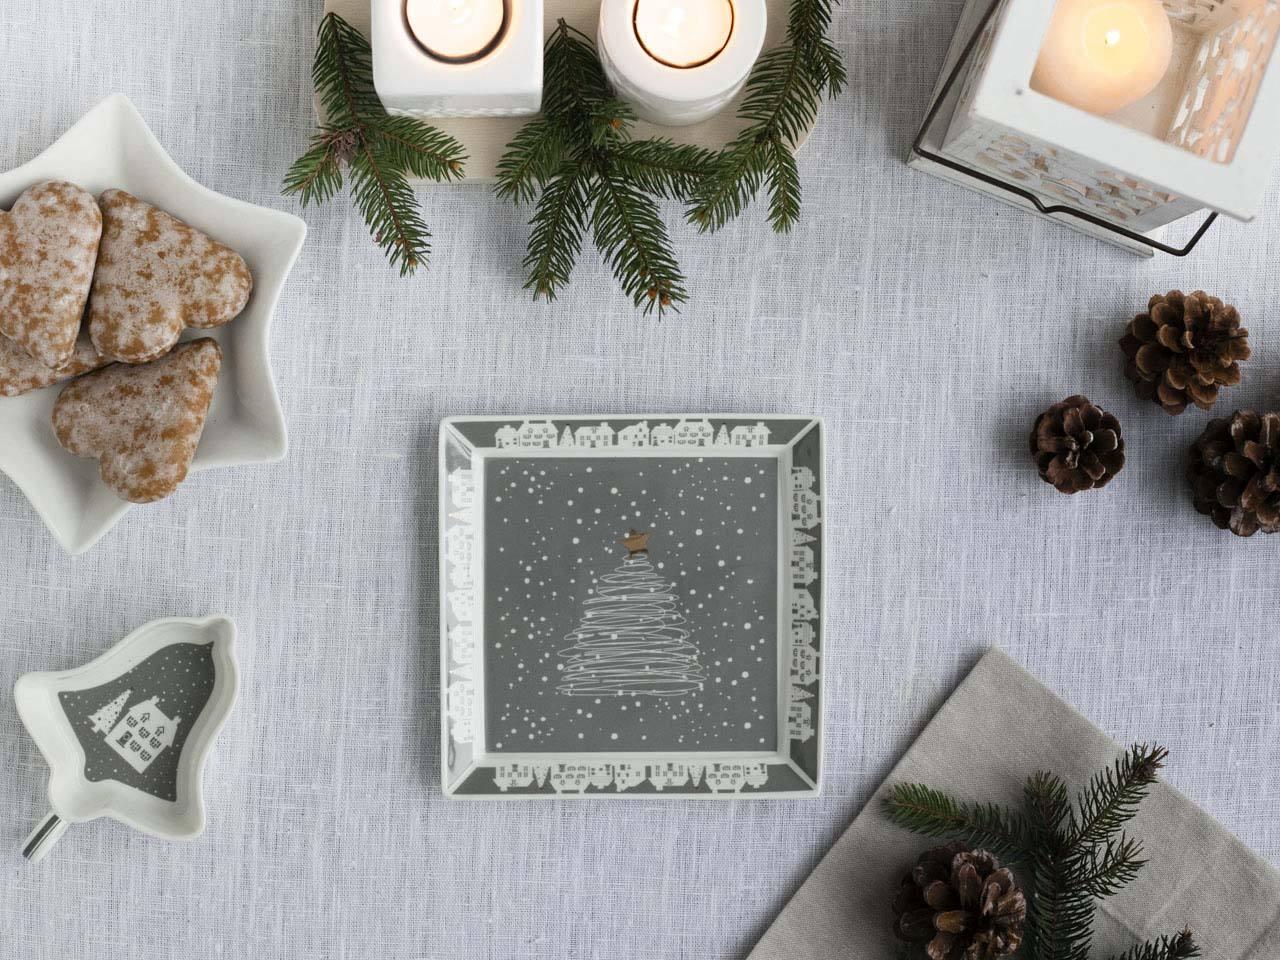 Talerz deserowy kwadratowy porcelanowy świąteczny Altom Design Skandynawia 17,5 cm